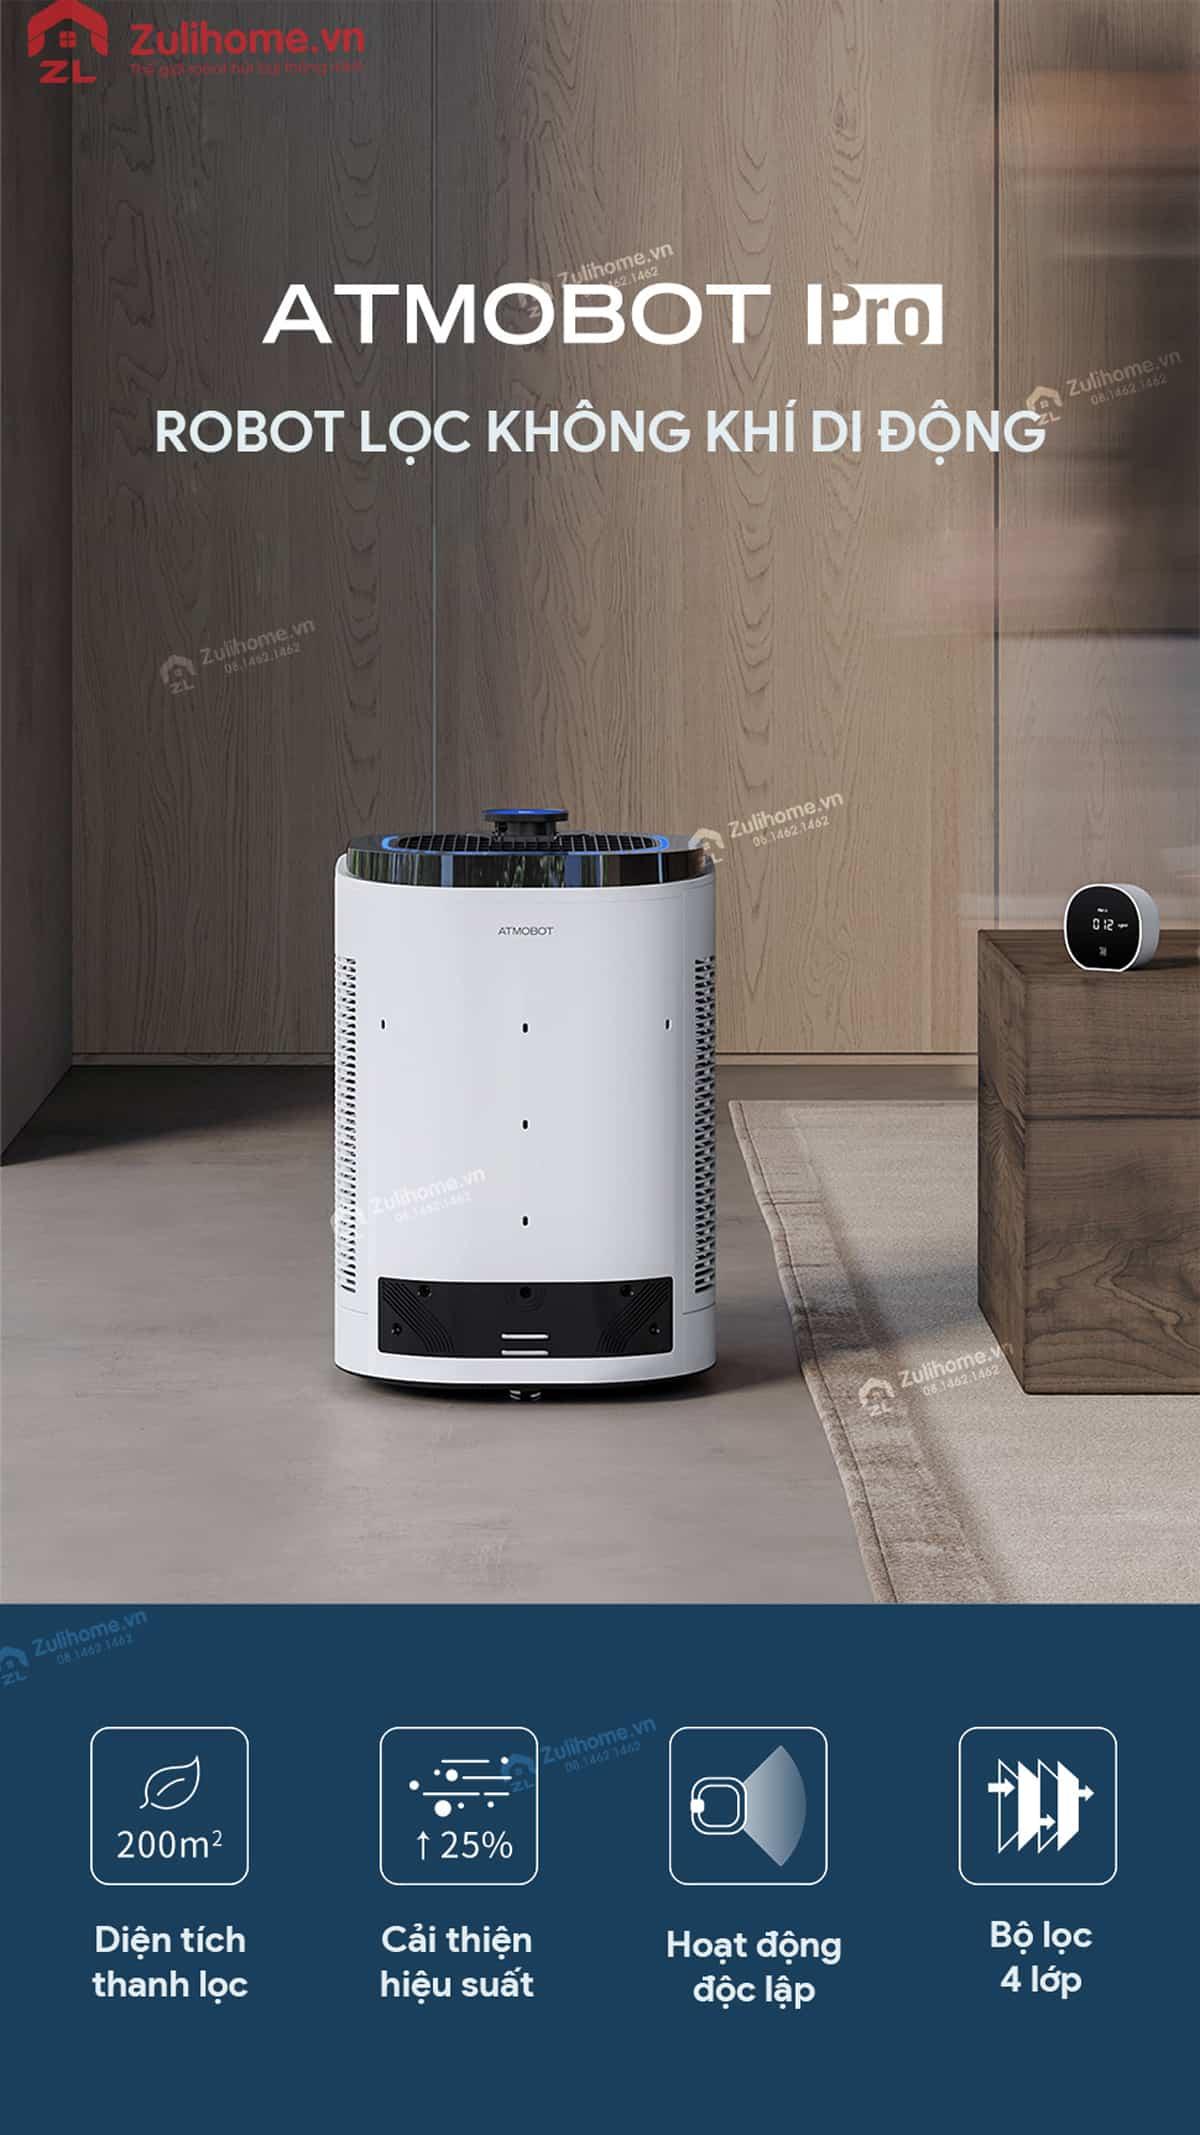 robot loc khong khi a650 zulihome 1 Tháng Năm 30th, 2020